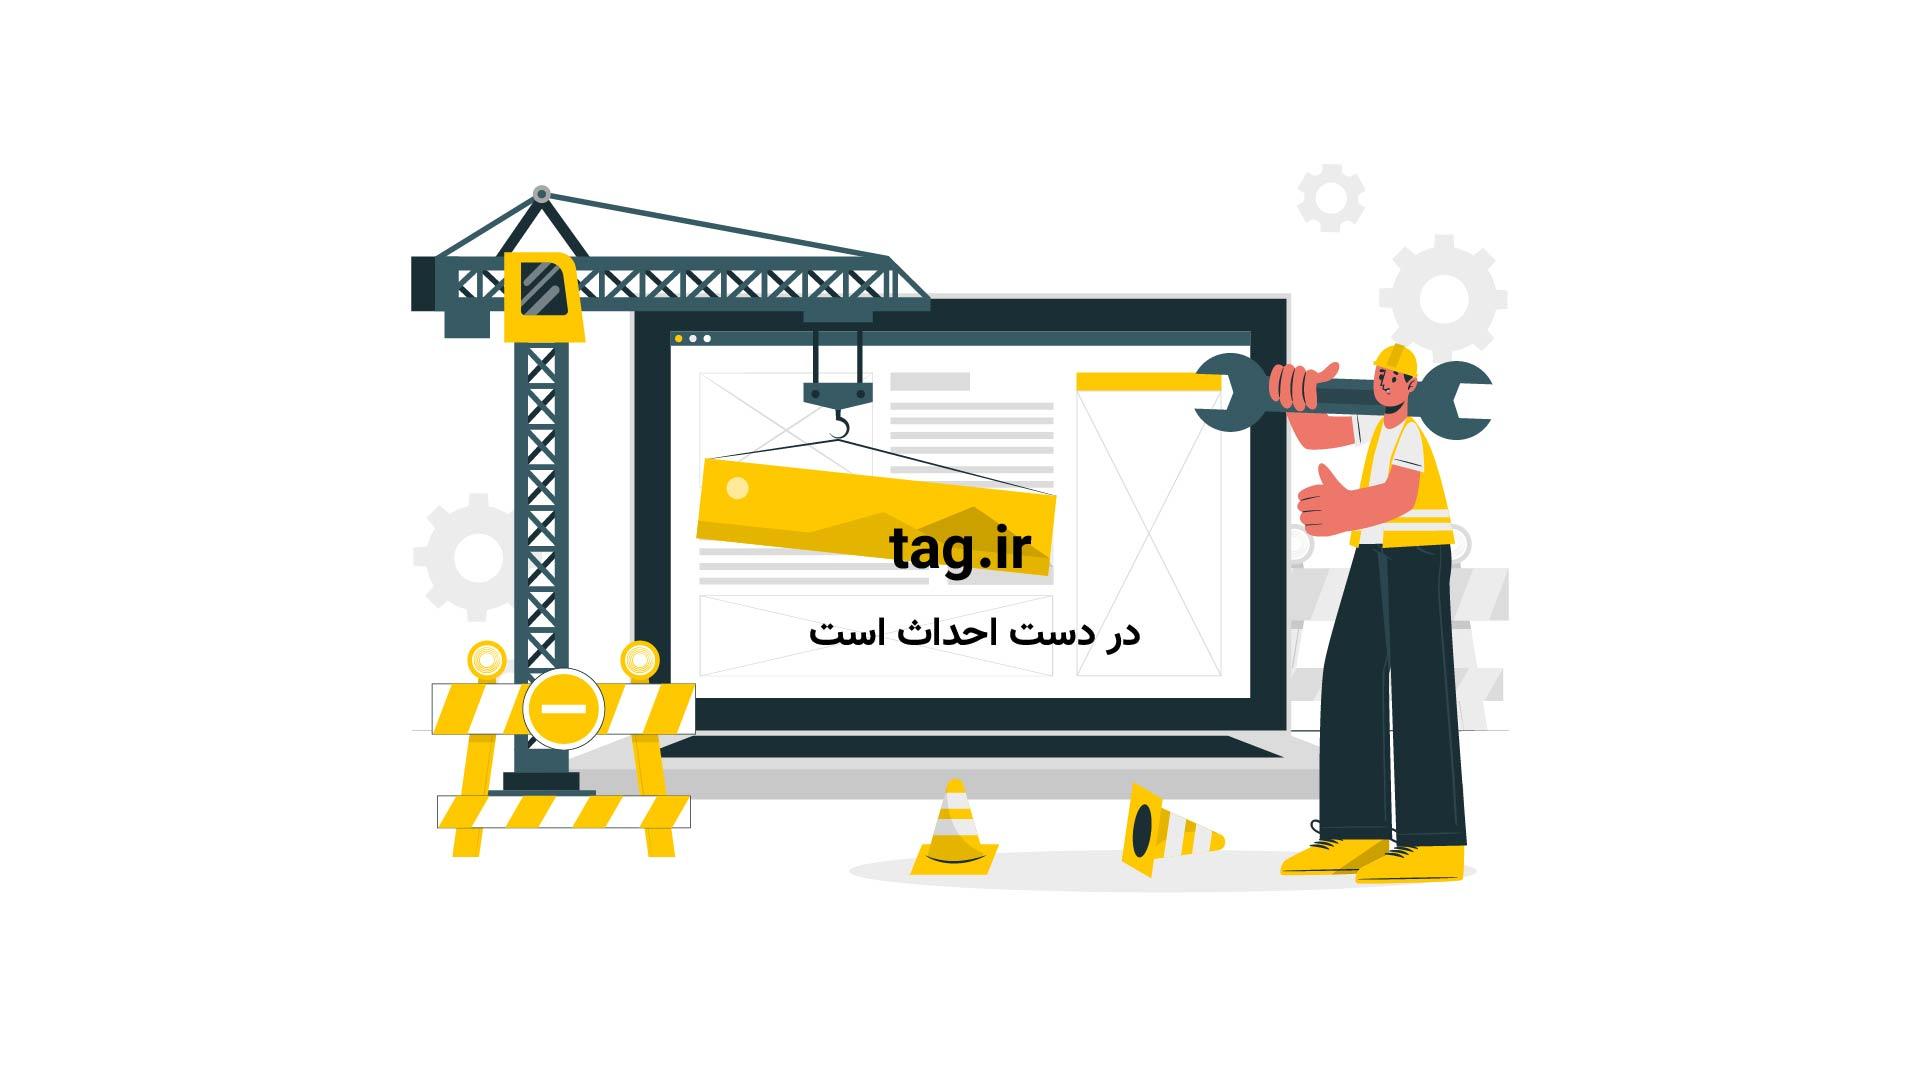 موزه بریتانیا | تگ